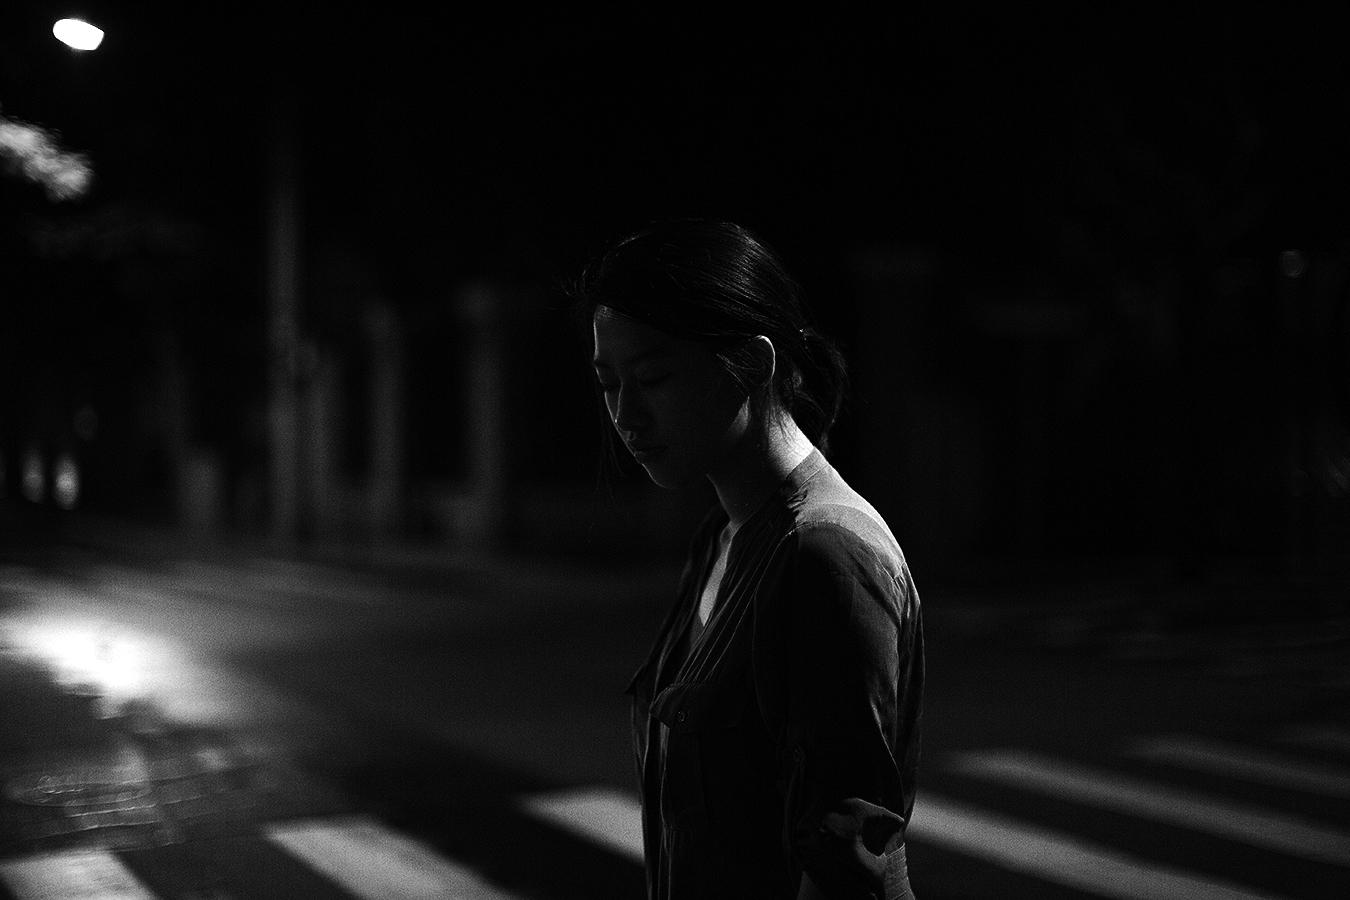 Linda_Ruan_light_on_the_back_black_and_white